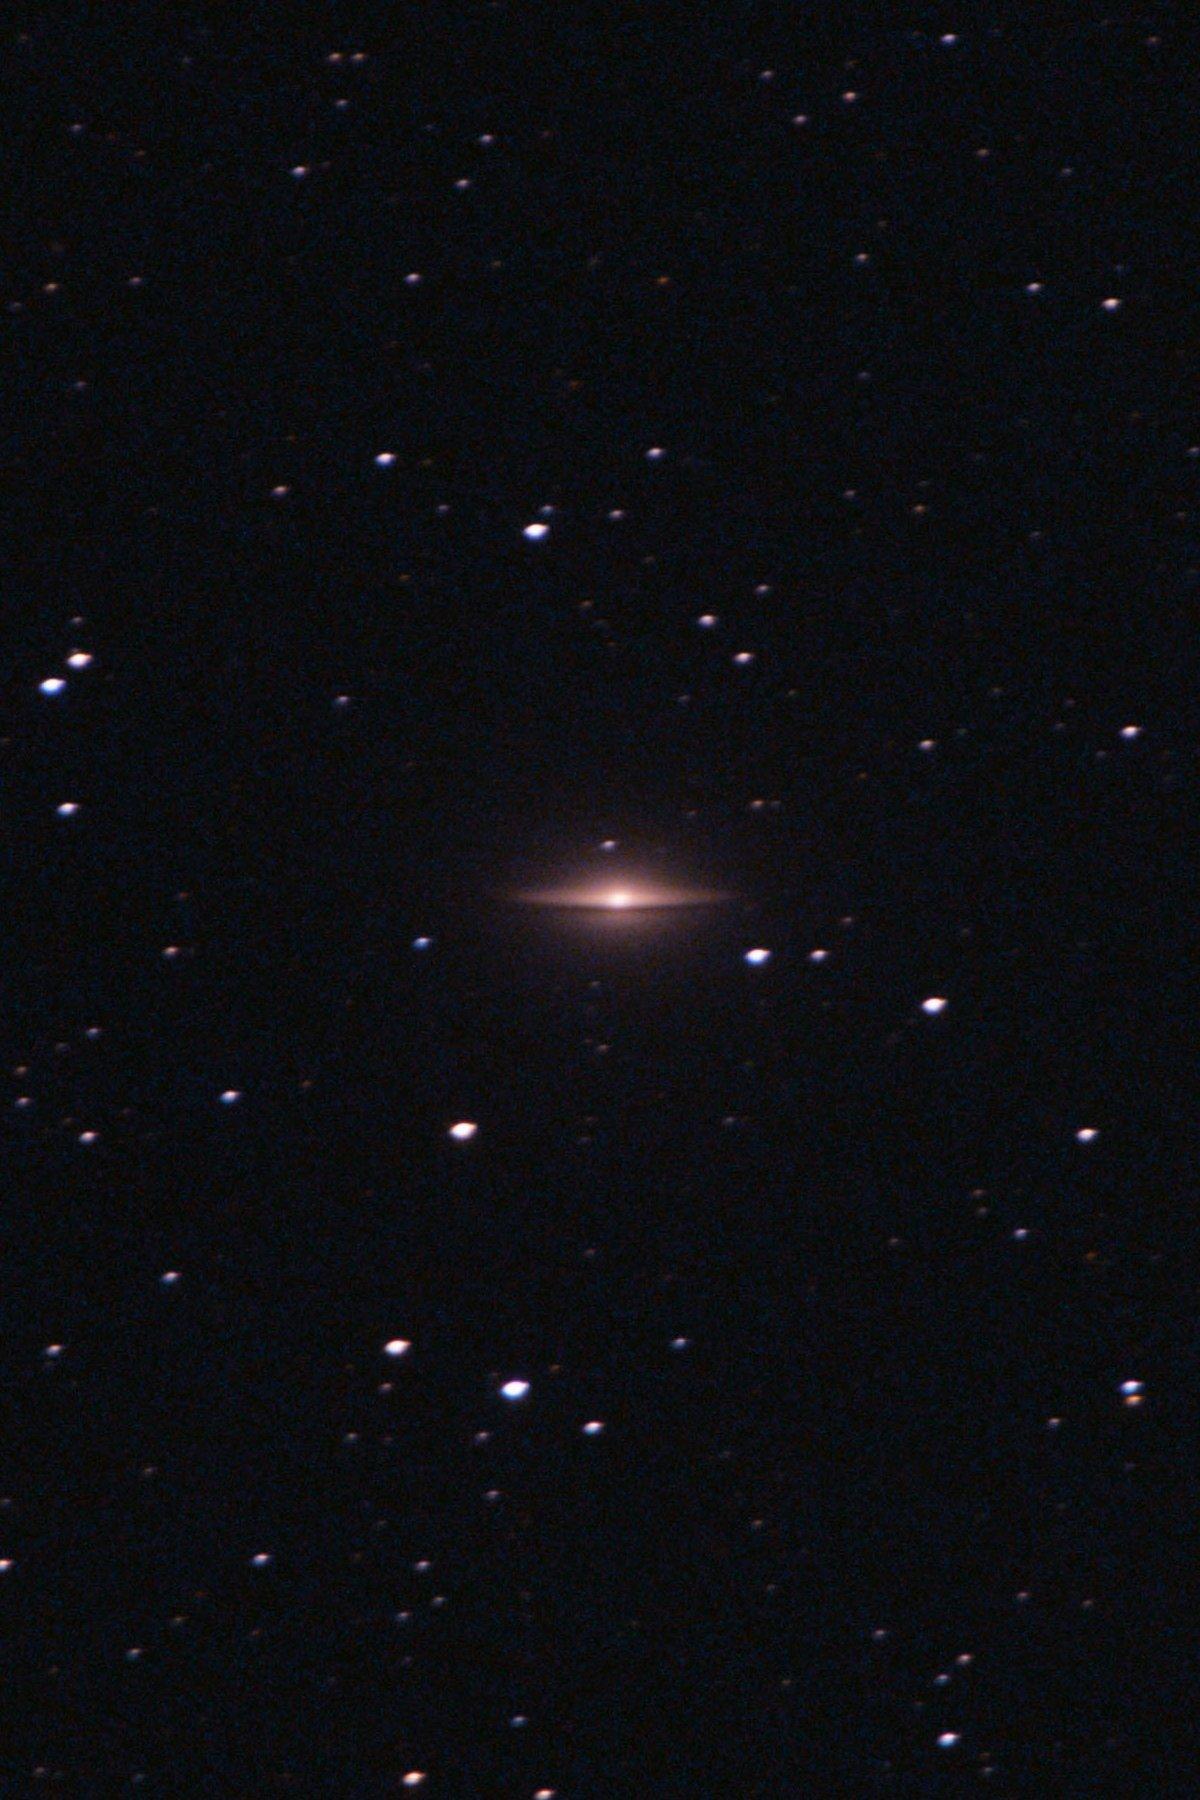 【銀河】M104 ソンブレロ銀河